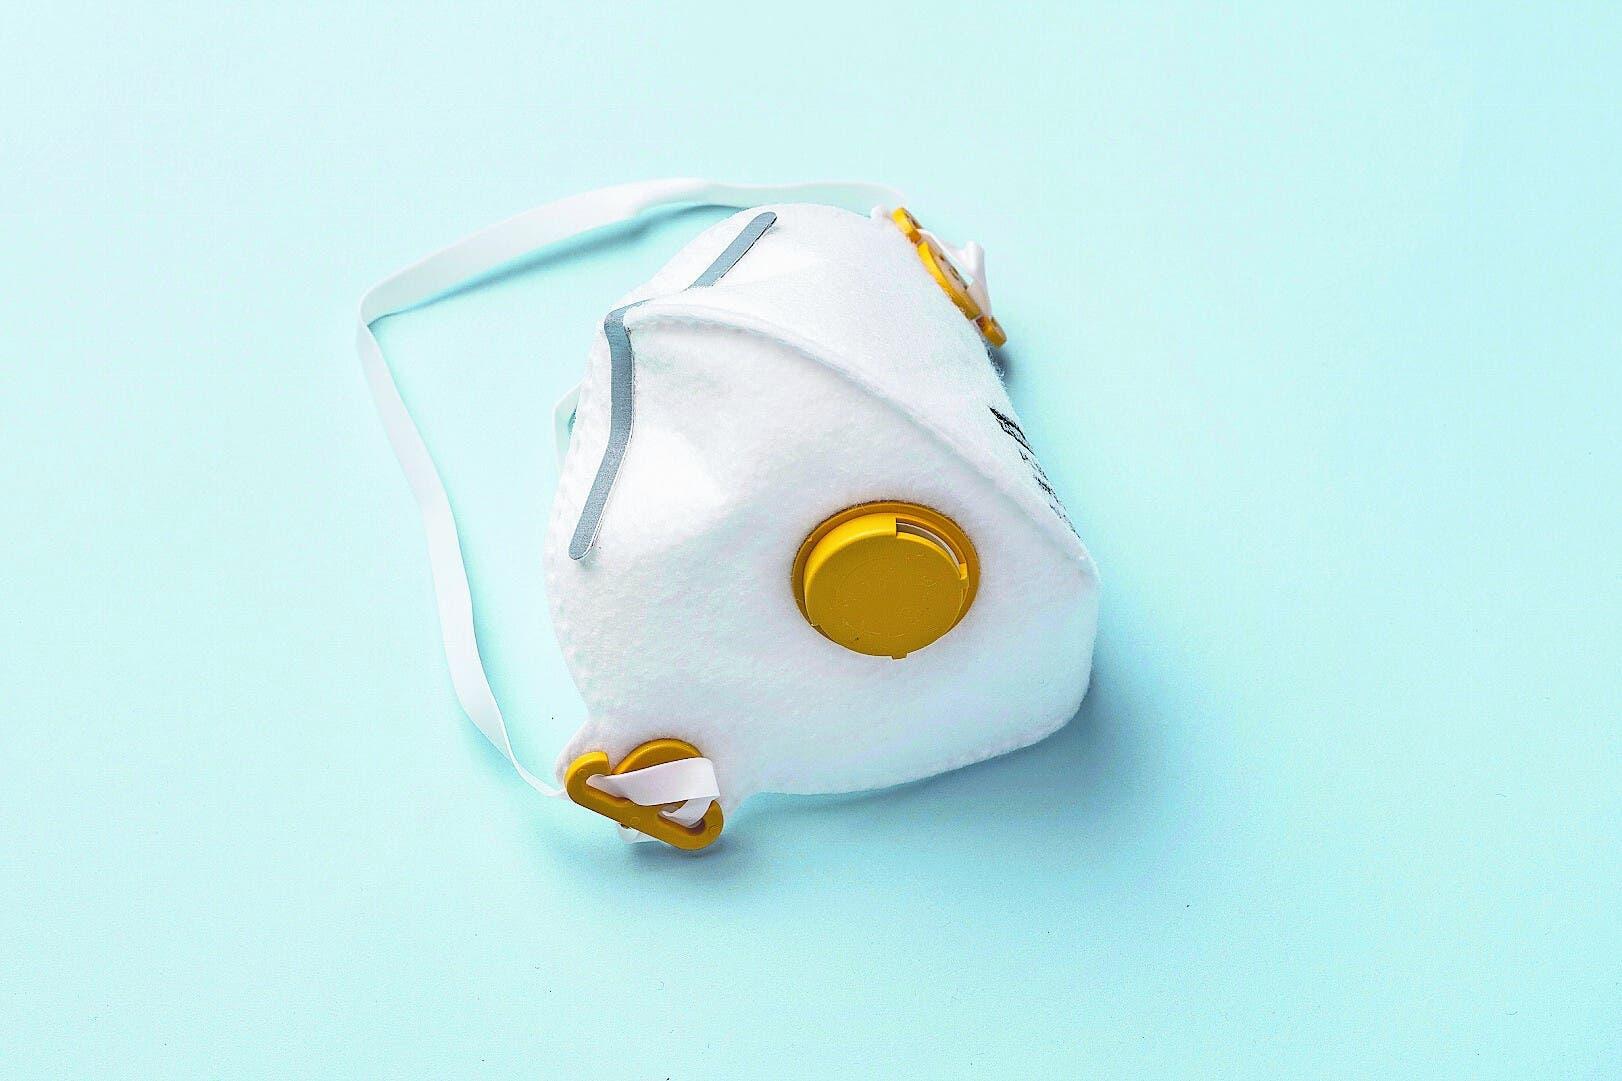 Atemschutzmasken (sogenannte FFP-Masken) fallen in die Kategorie persönliche Schutzausrüstung und sollen in erster Linie den Träger vor Viren schützen.